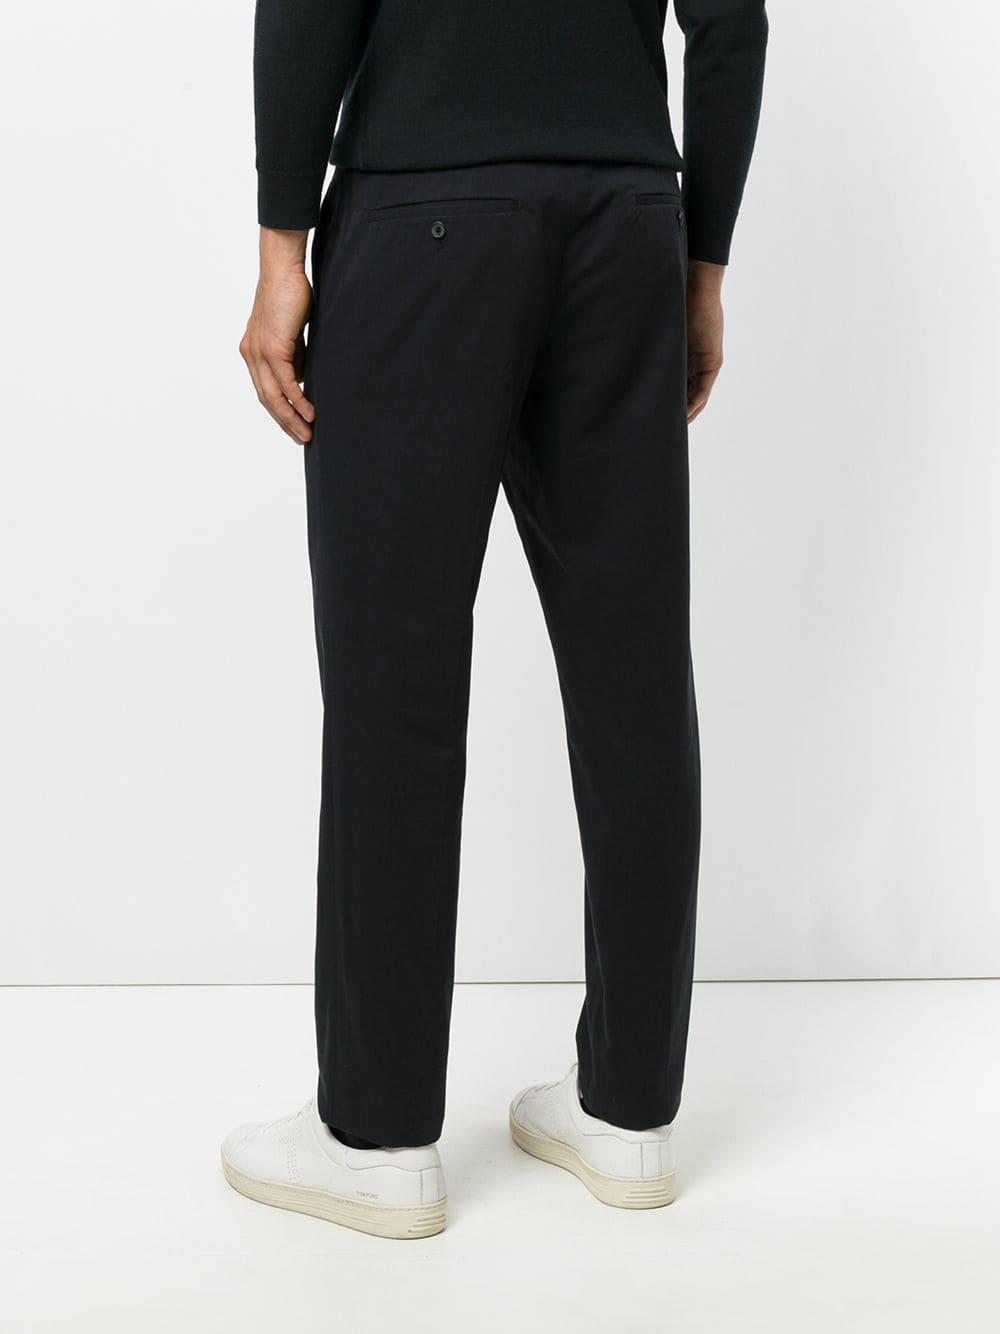 Prada Katoen Classic Tailored Trousers in het Zwart voor heren